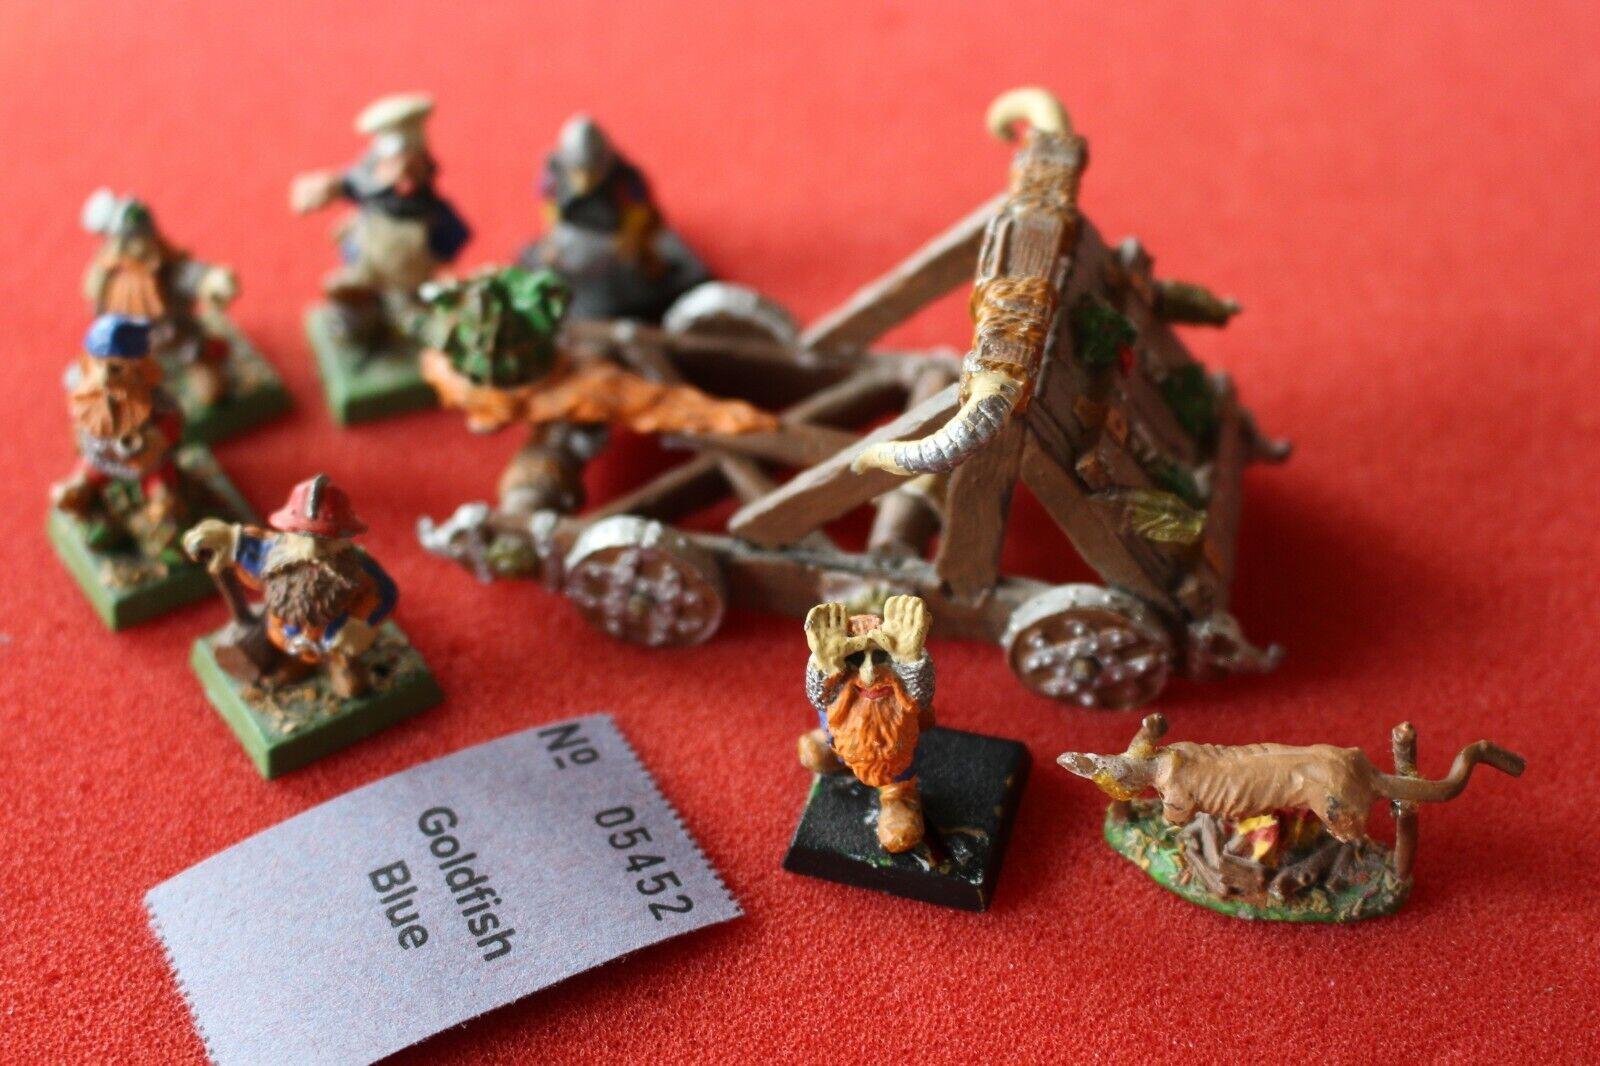 Games Workshop Warhammer Dwarf Dwarves Dwarves Dwarves Goblobber Metal Complete Gob Lobber 849